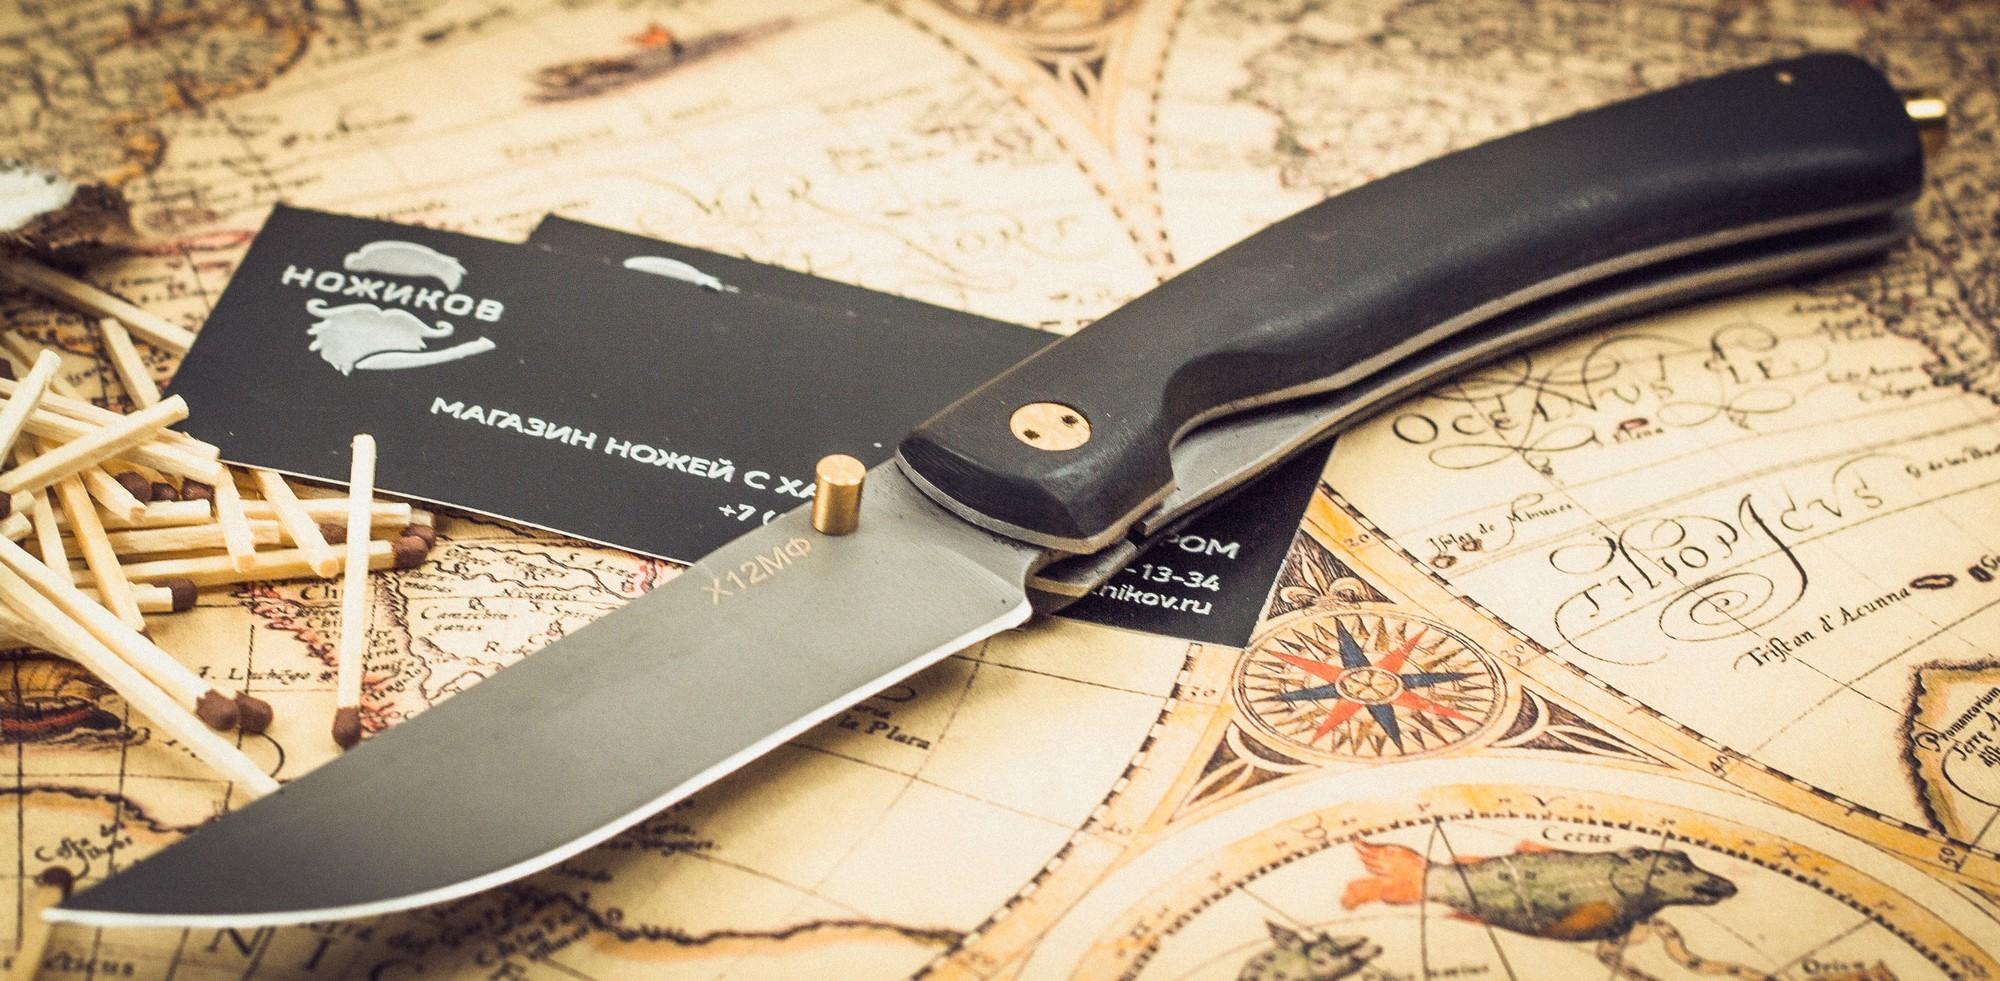 Фото 5 - Складной нож Кайрос, сталь Х12МФ, граб от Марычев